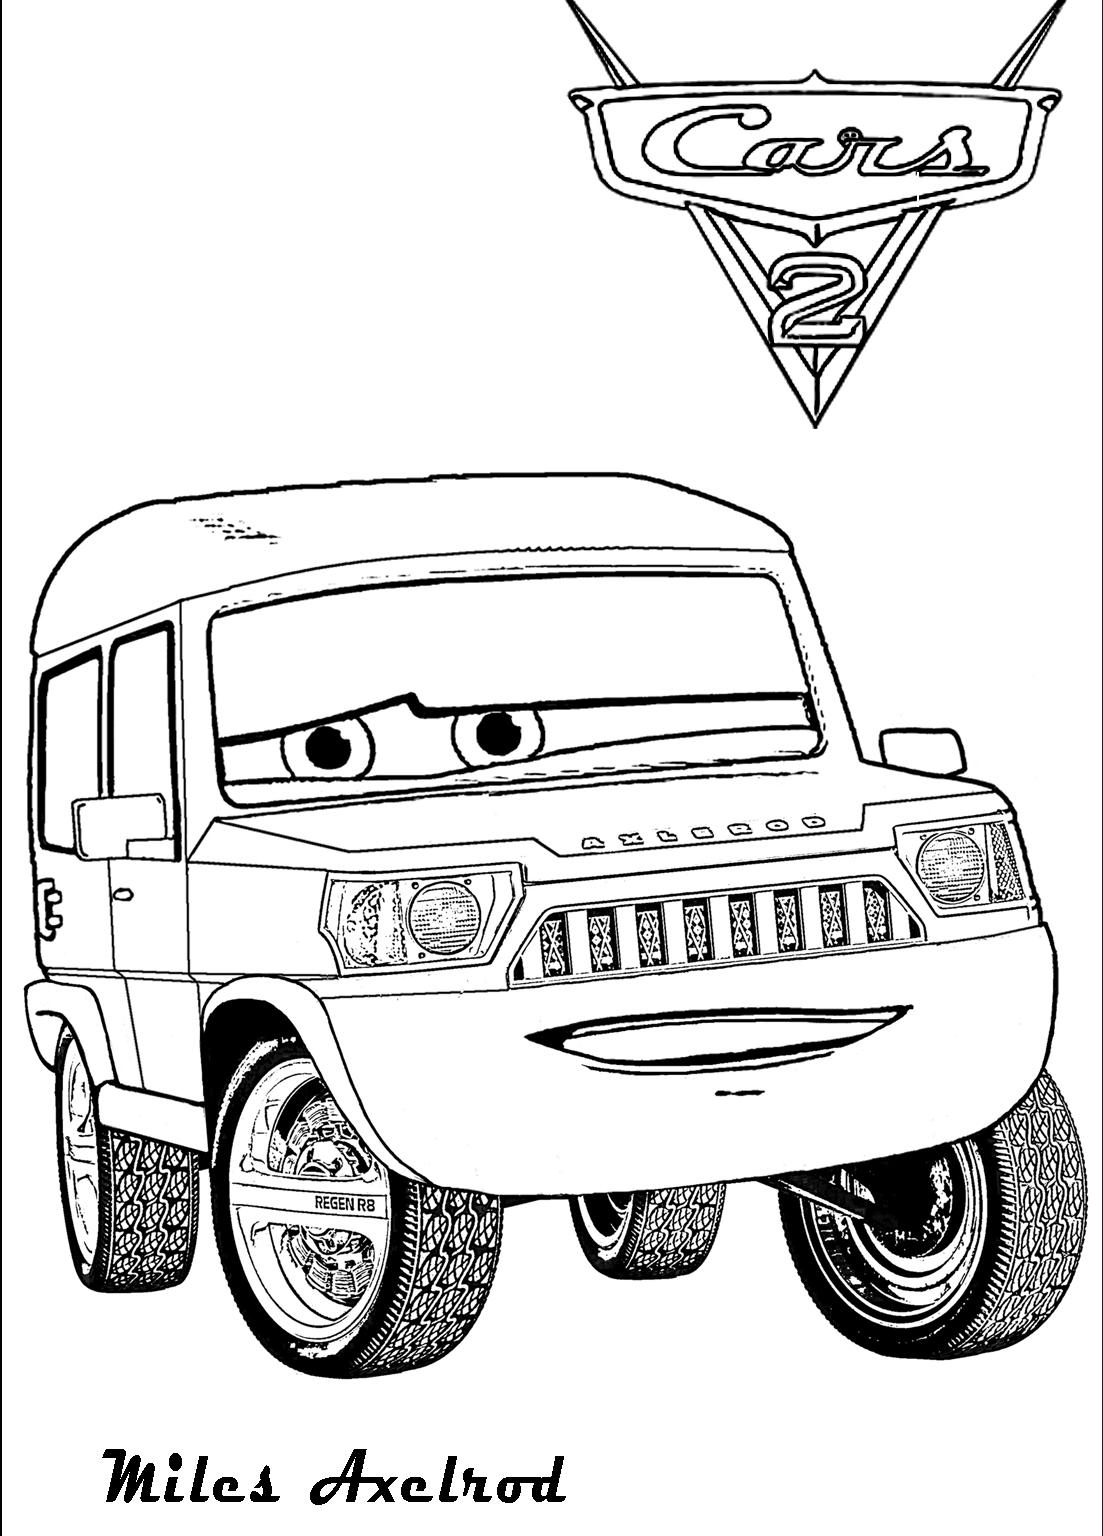 Plansa de colorat cu Miles Axelrod din Cars